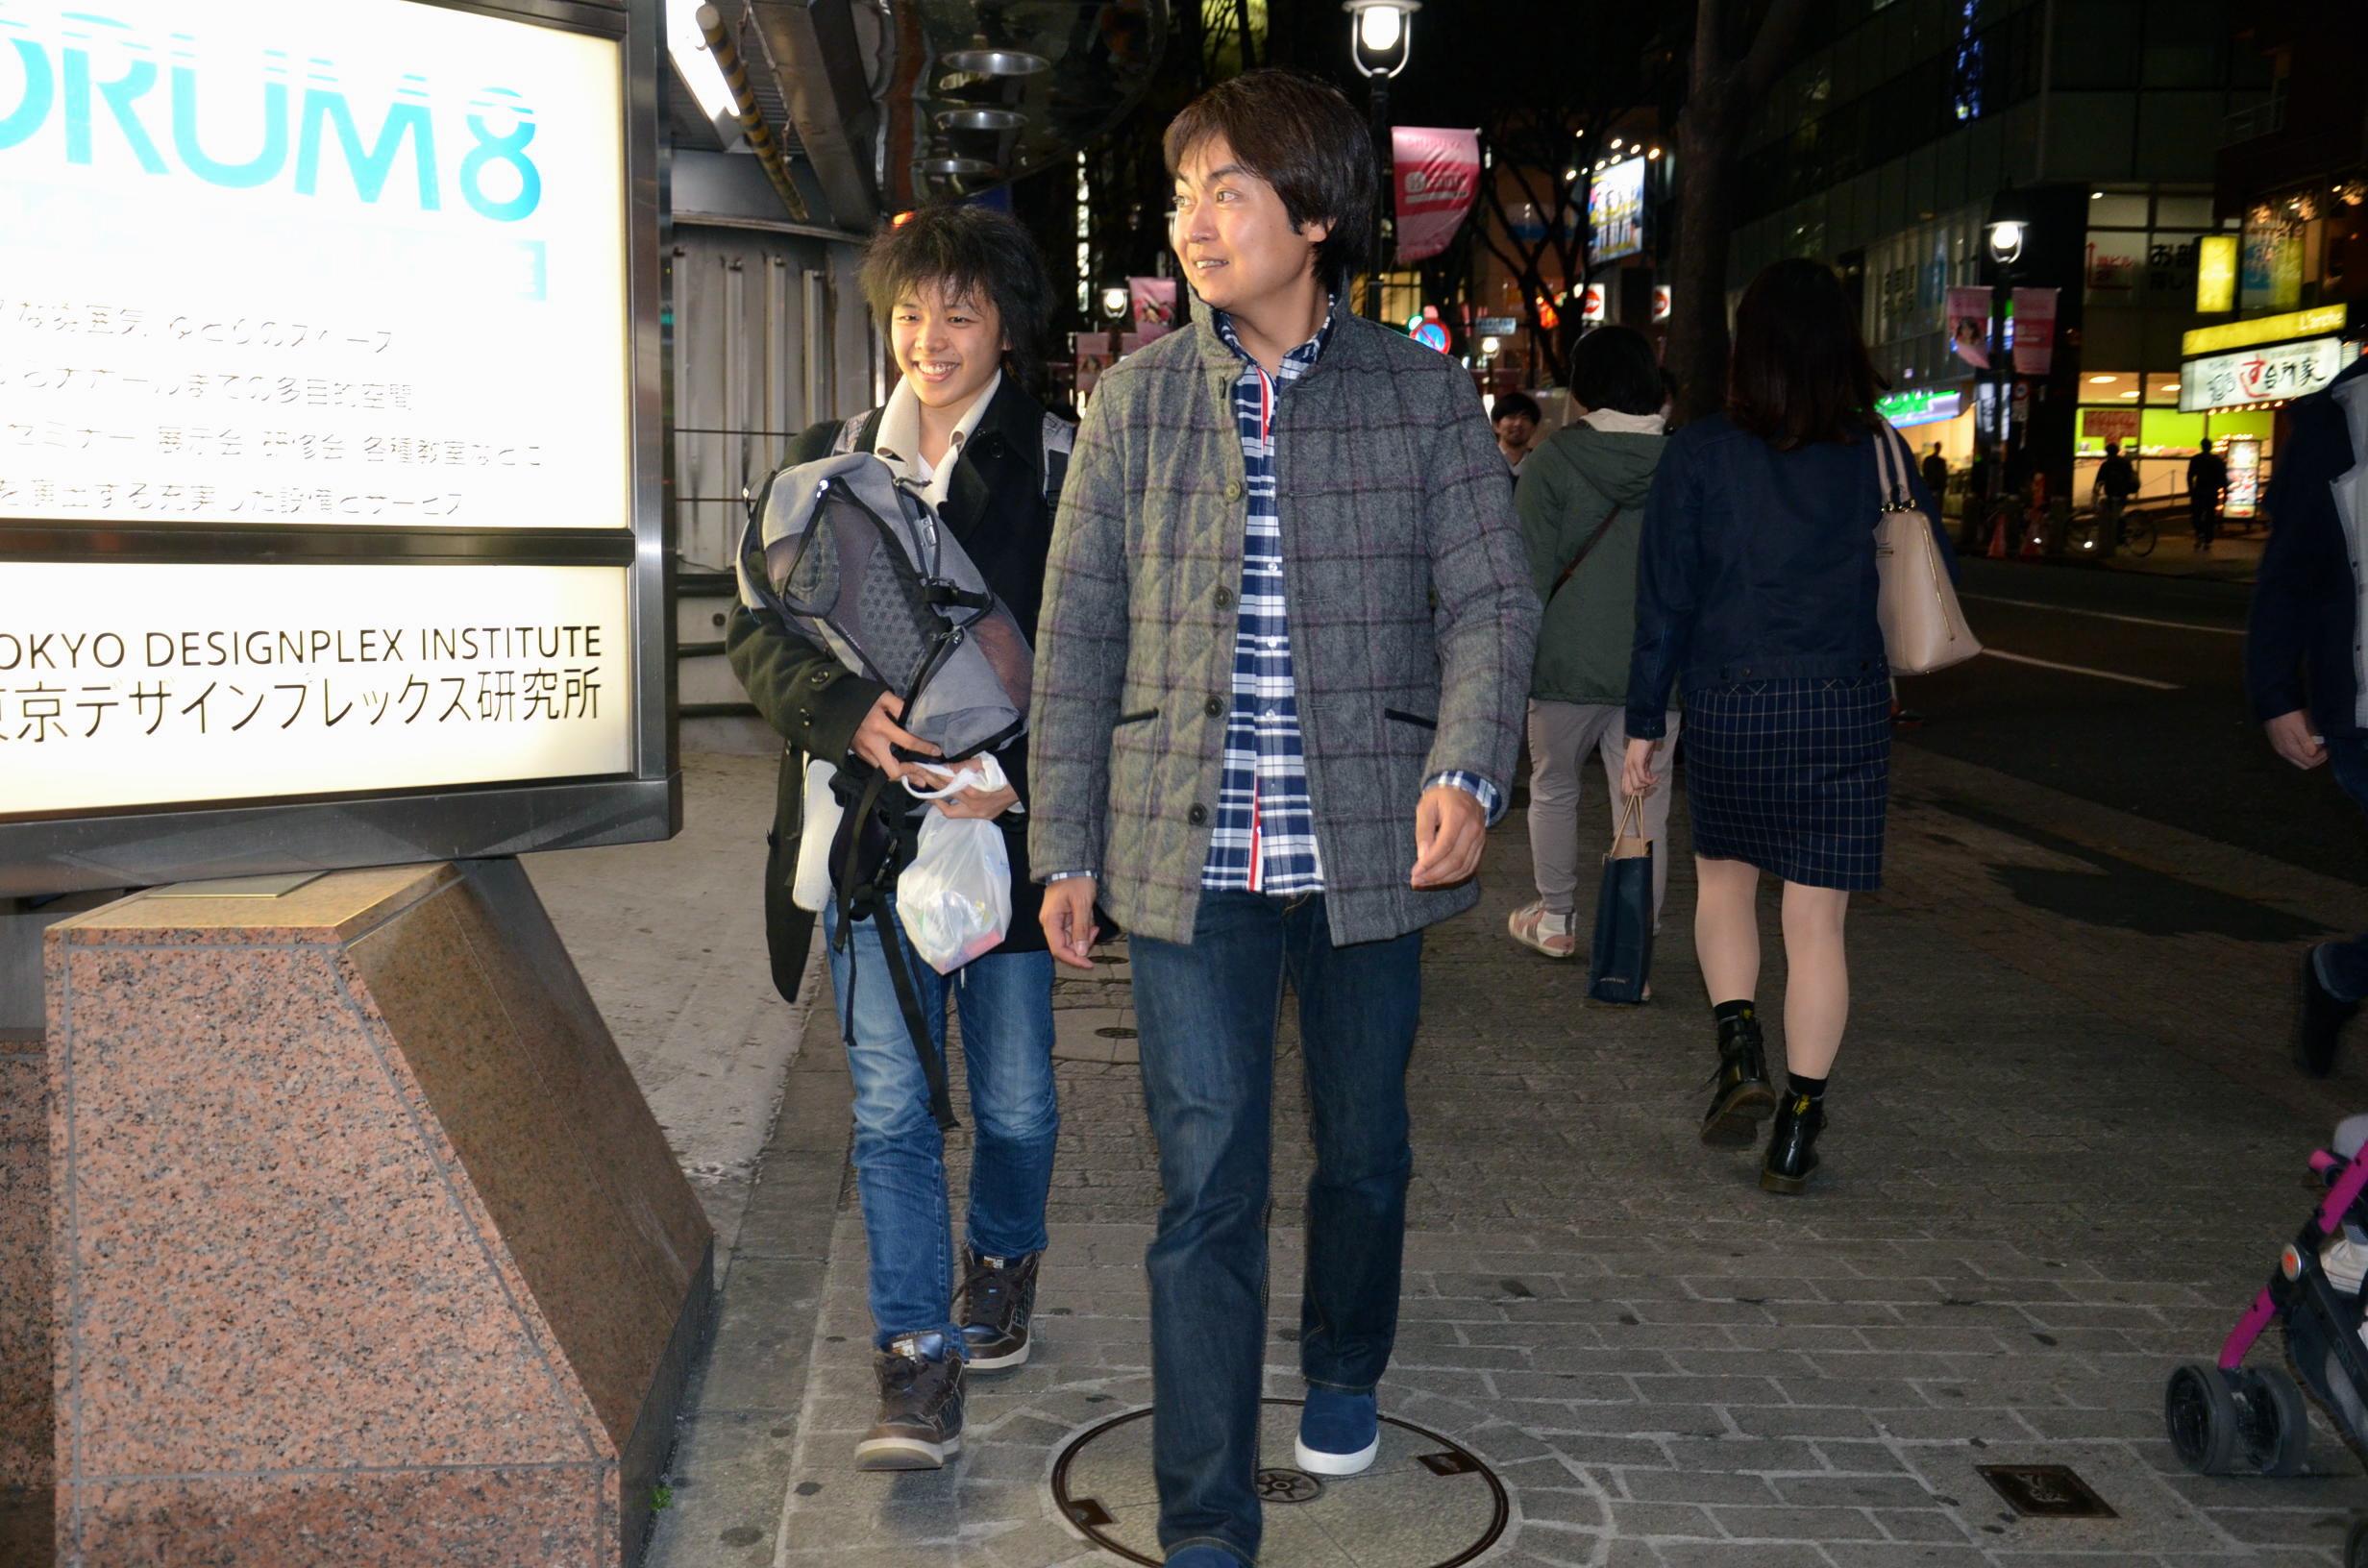 経営者の一日に密着!コロプラco-founder・千葉 功太郎さんの「カバン取材!